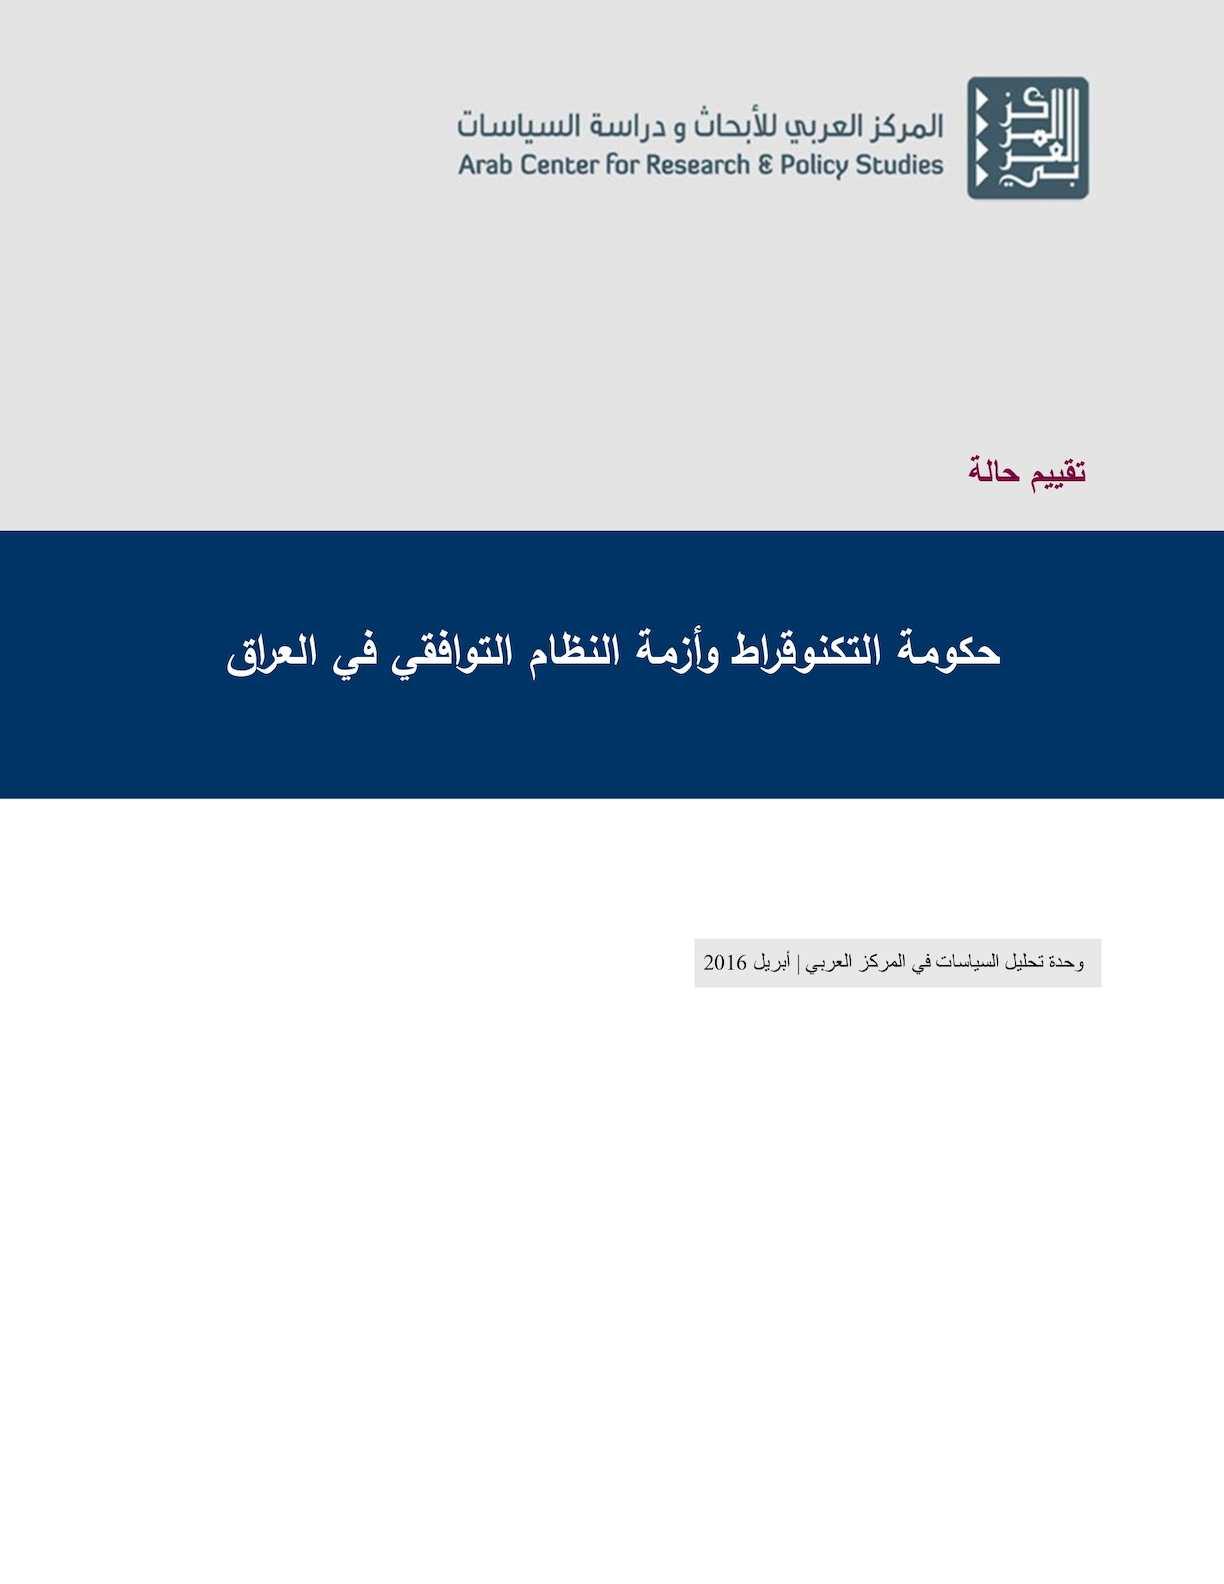 حكومة التكنوقراط وأزمة النظام التوافقي في العراق